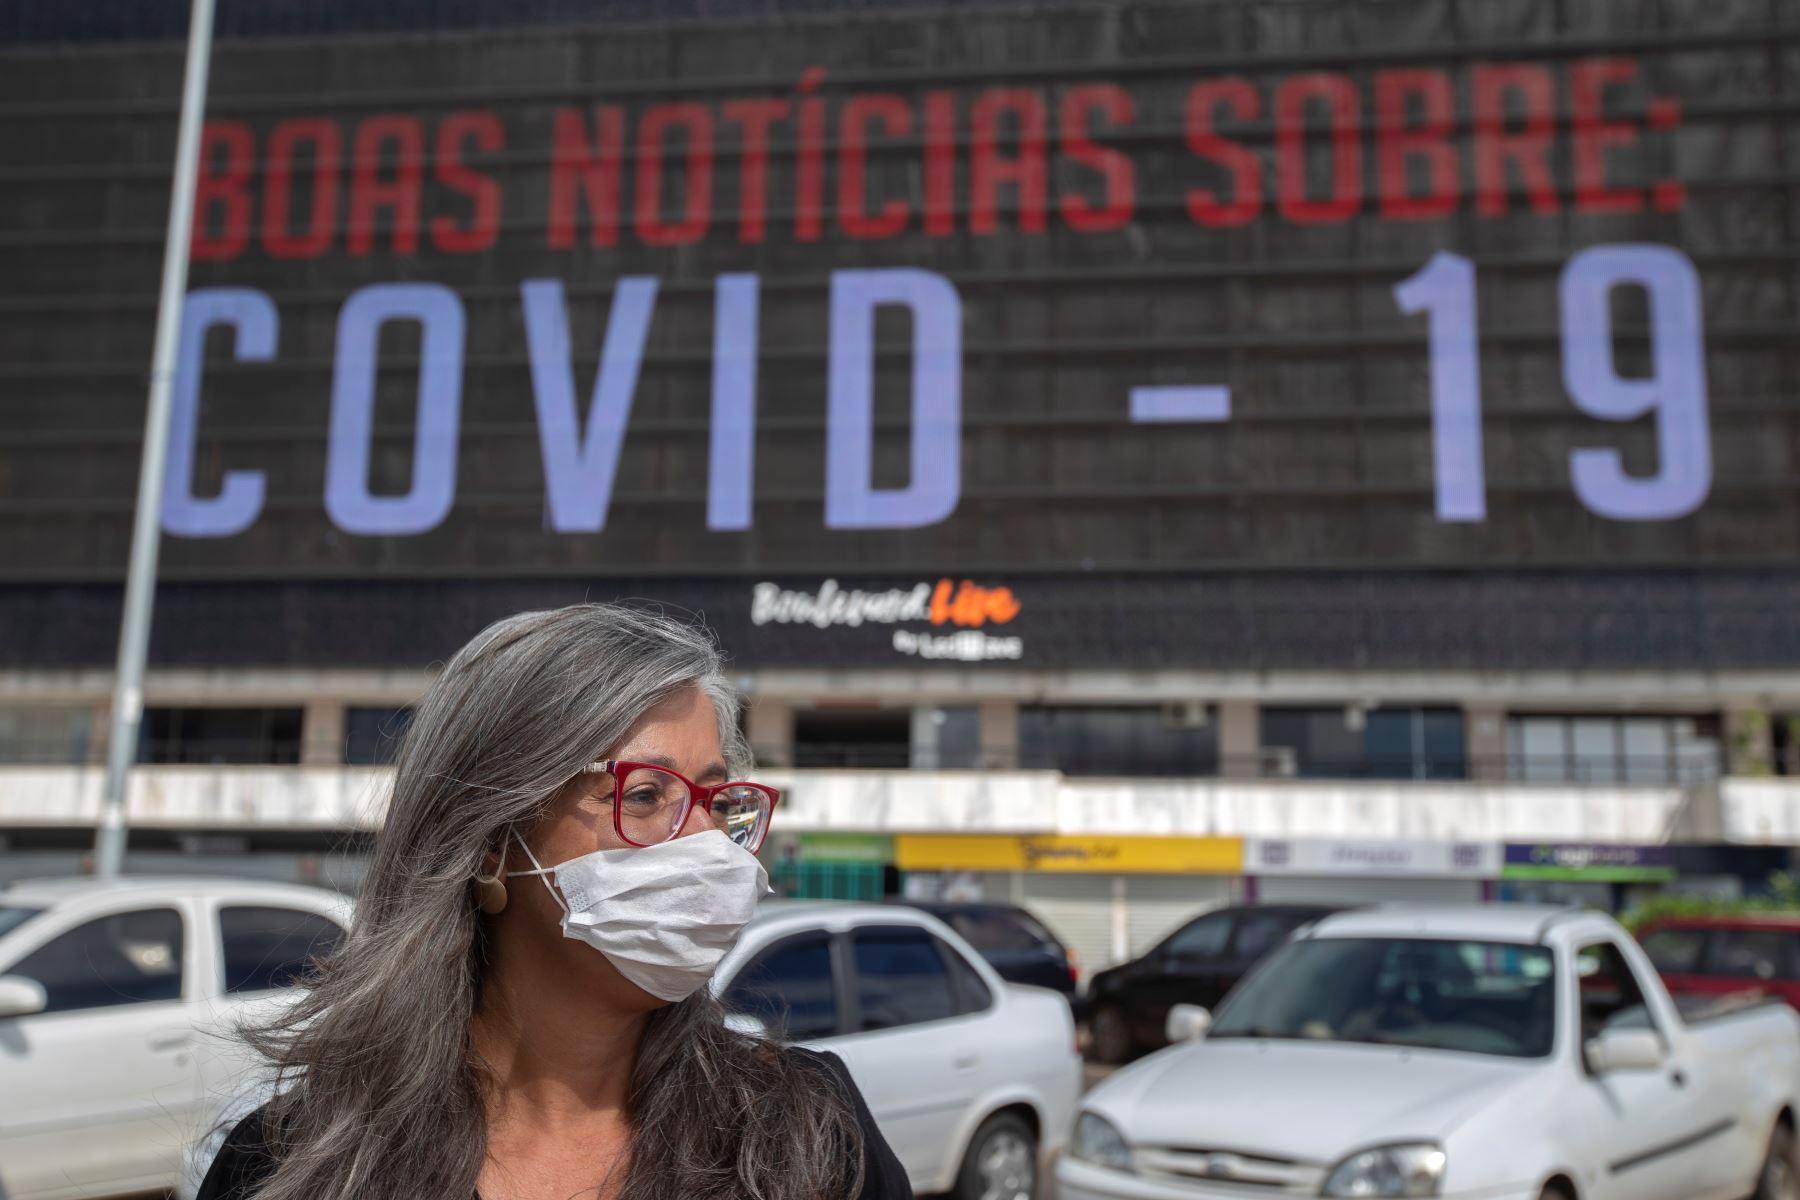 En panel gigante se anuncia noticias sobre el covid-19 este lunes en Brasilia, Brasil, el país latinoamericano más afectado por la pandemia. Foto: EFE